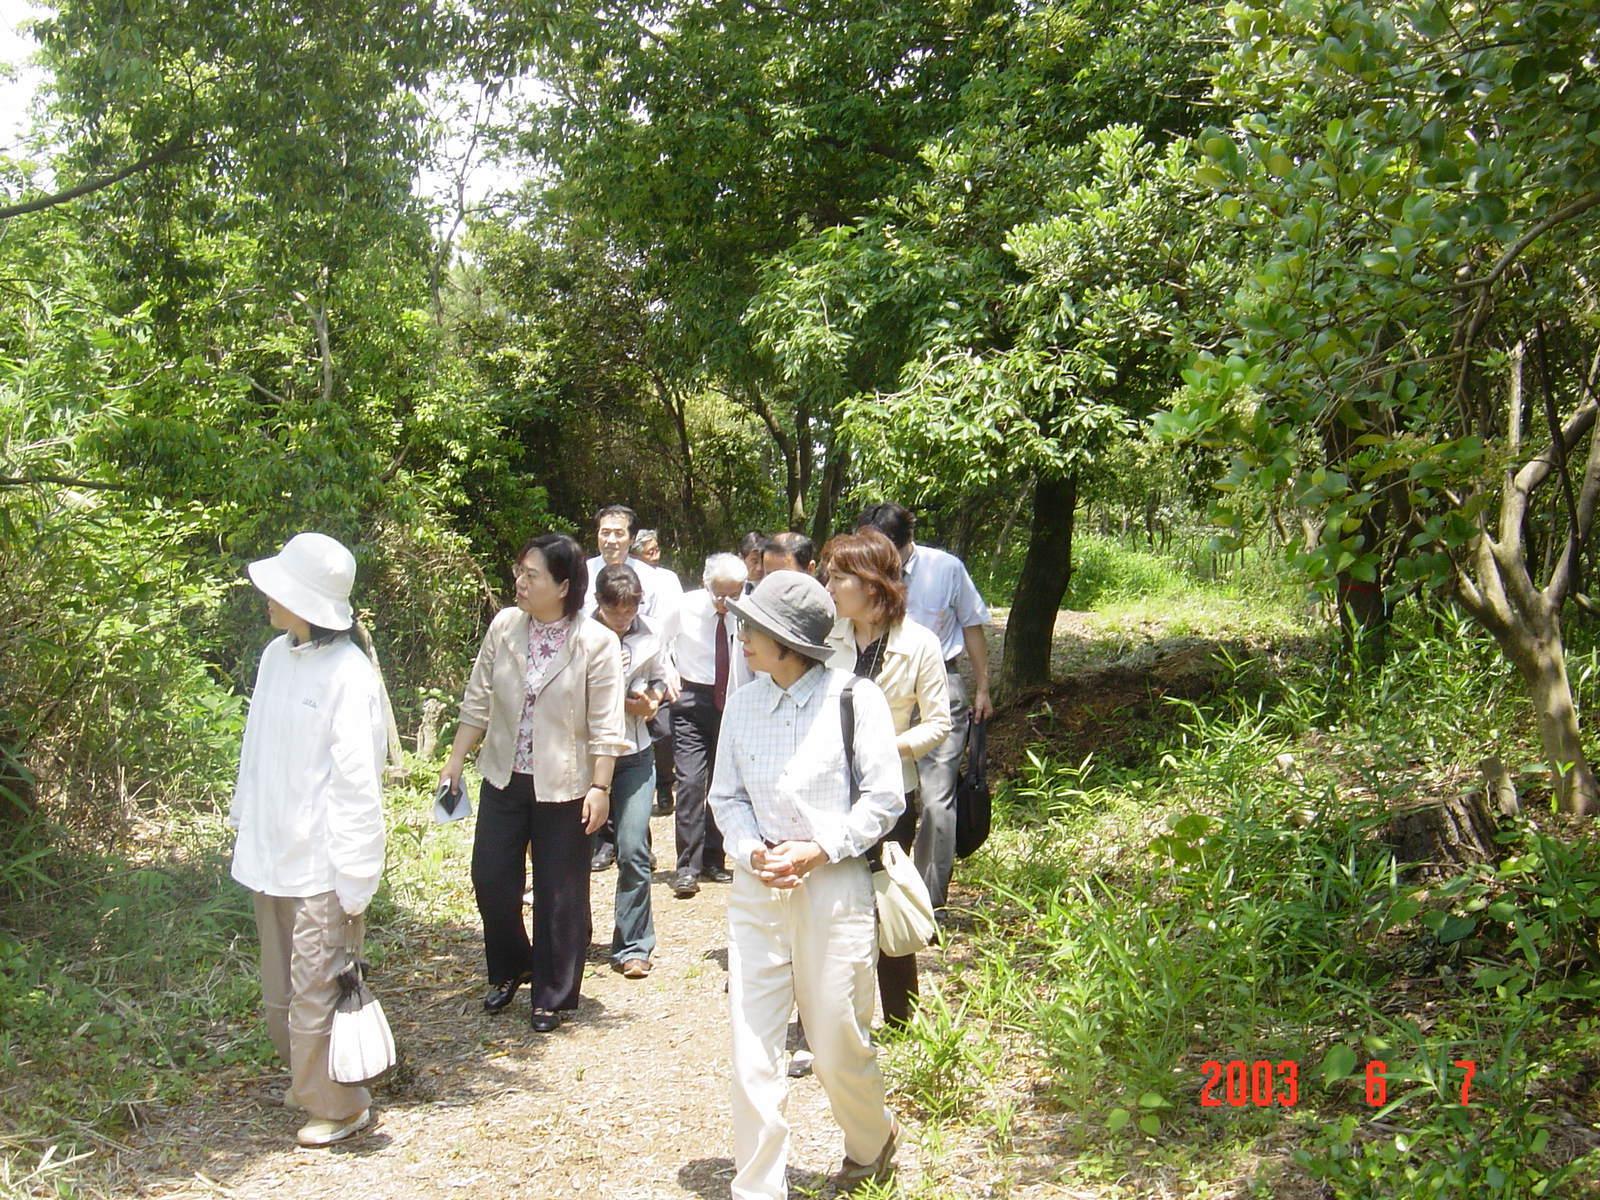 うみべの森の歴史⑬「2003年6月の活動」_c0108460_12110373.jpg